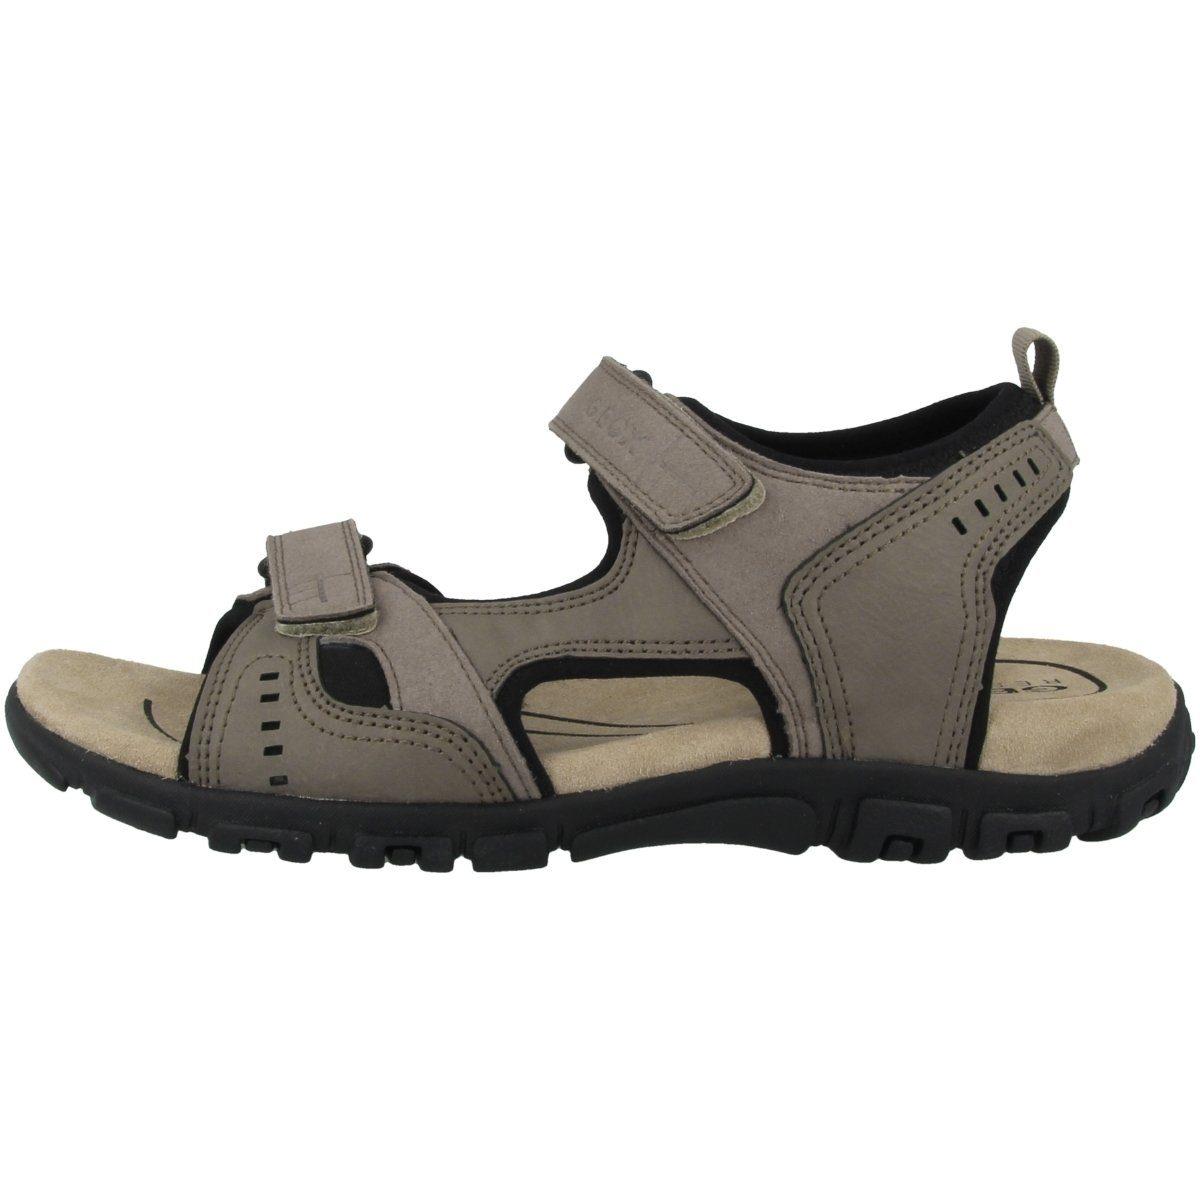 Geox »U S.Strada A« Sandale, Verstellbarer Fersenriemen individuelle Passform online kaufen | OTTO